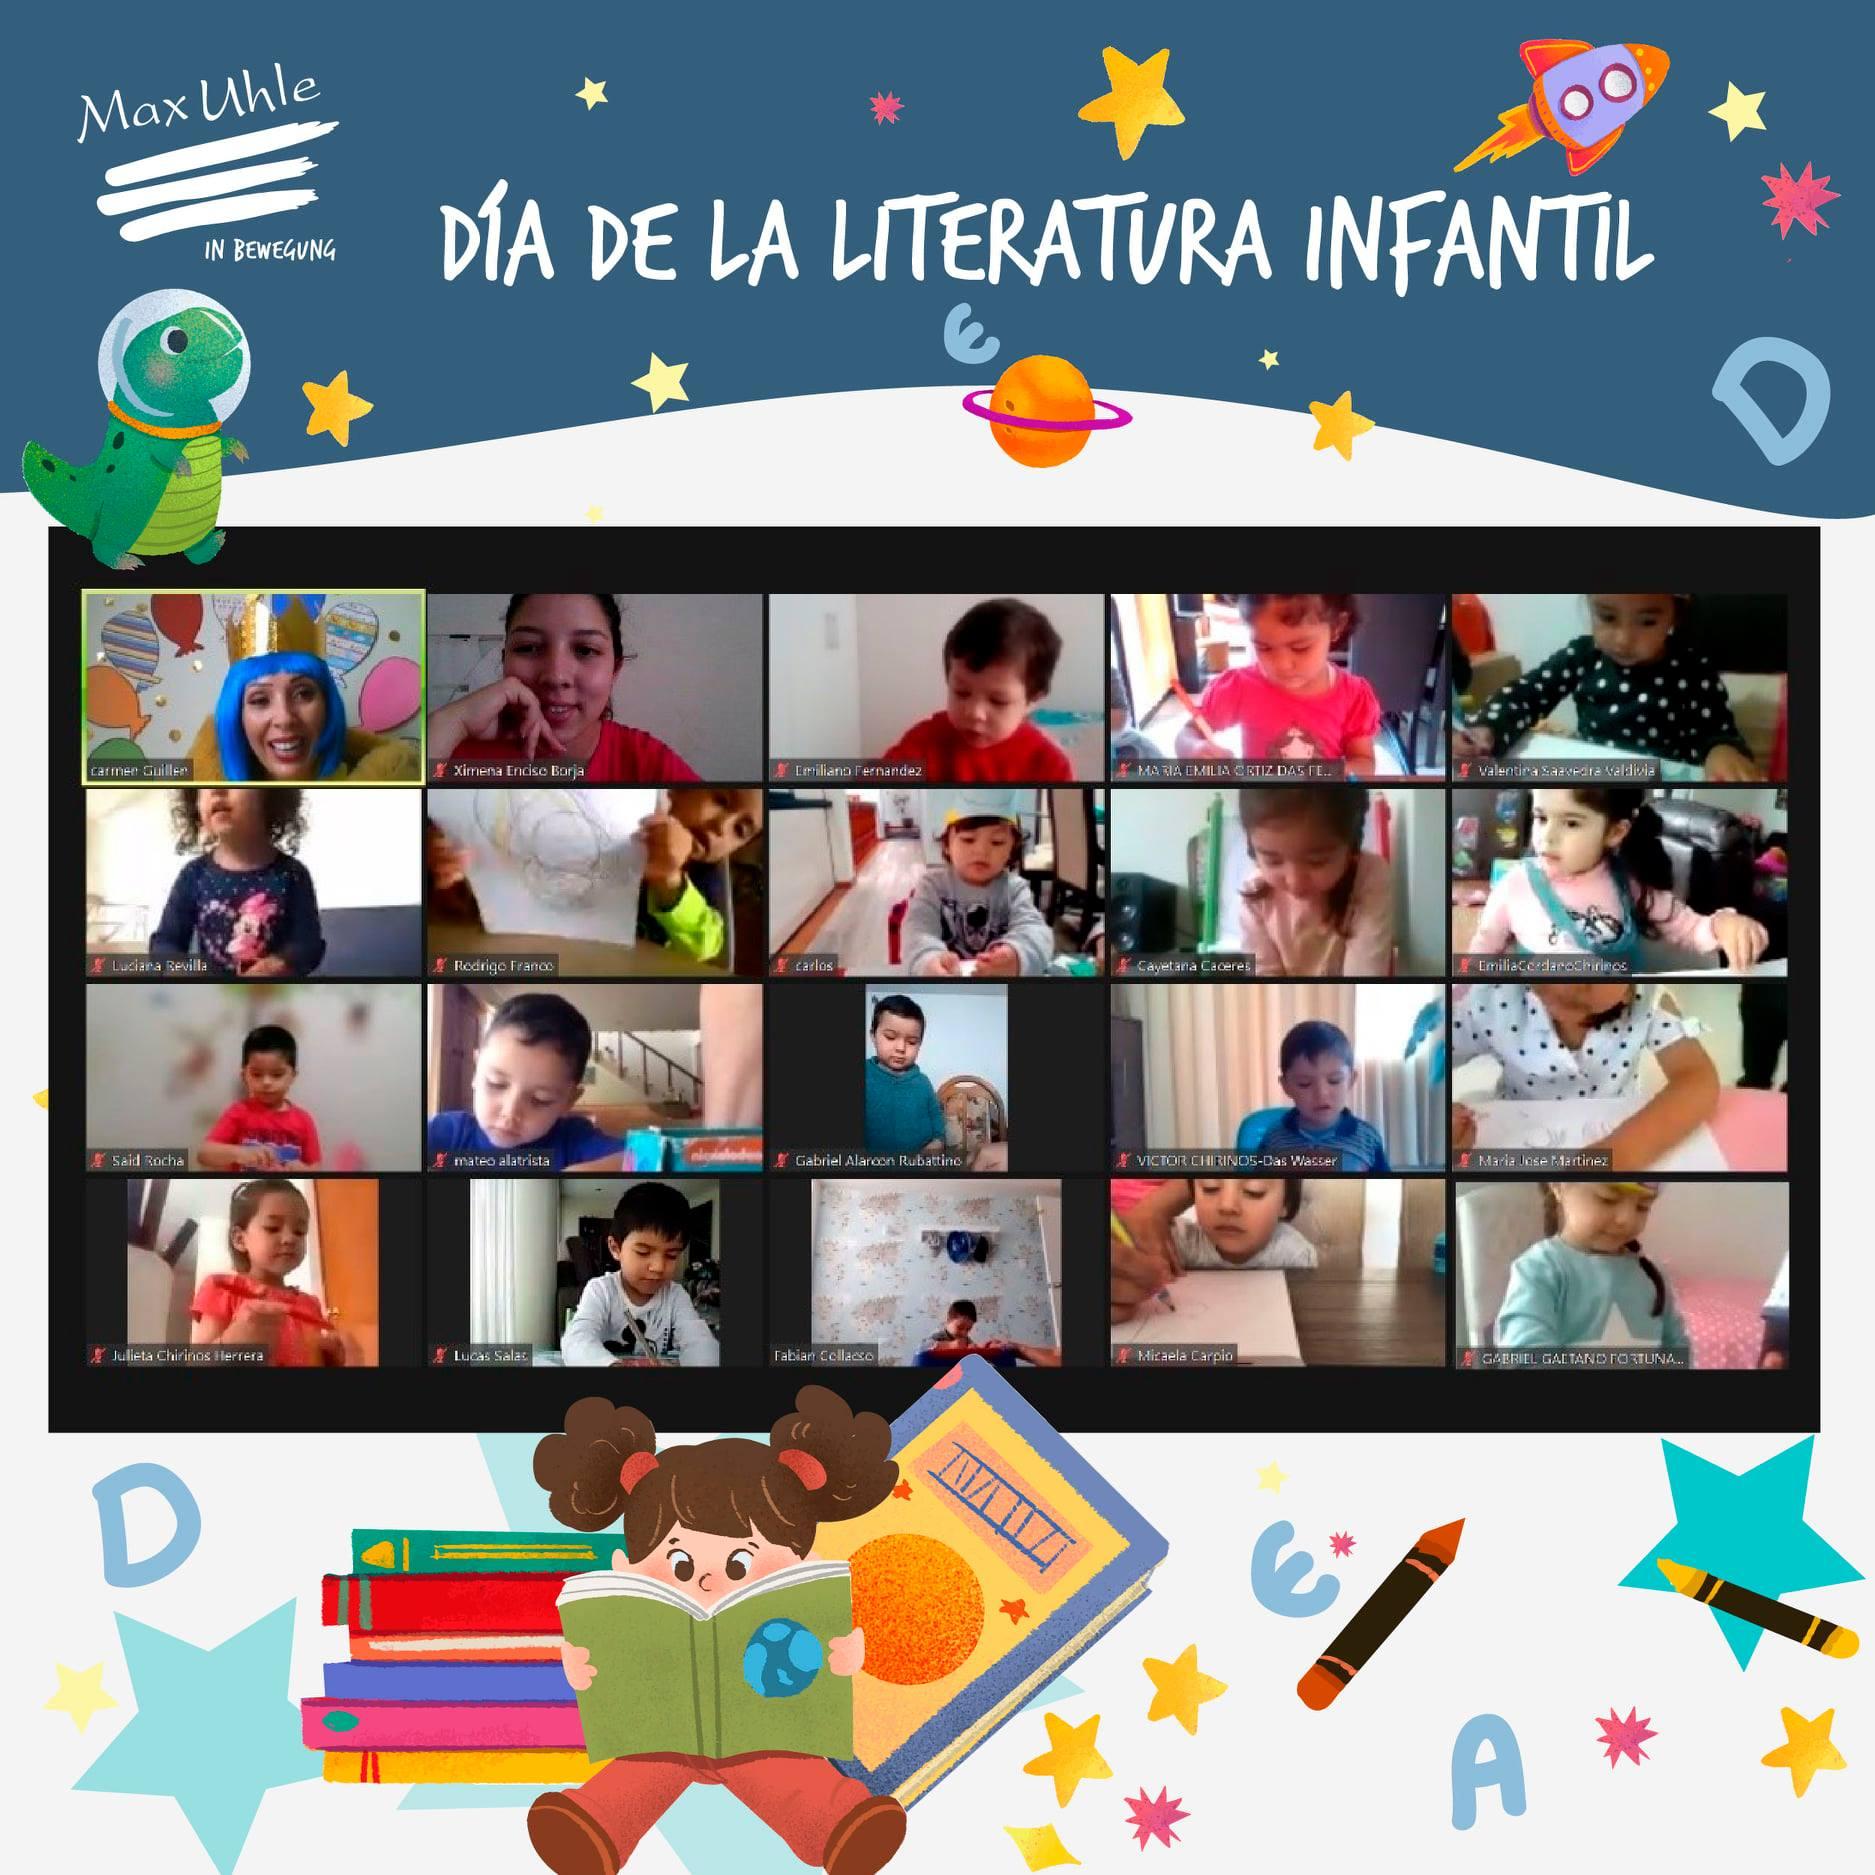 dia de la literatura infantil kindergarten colegio max uhle